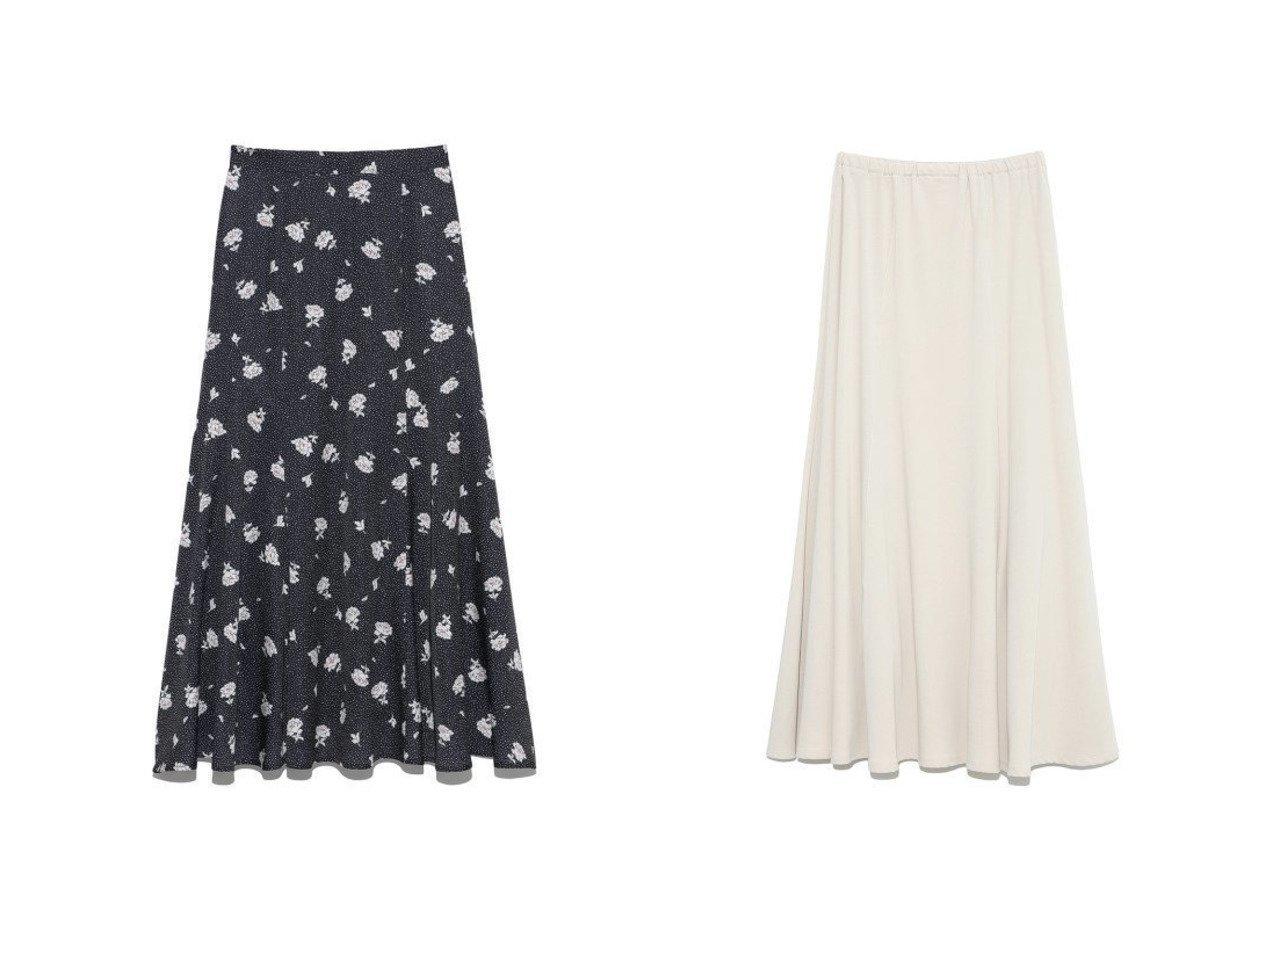 【Lily Brown/リリーブラウン】のドットフラワースカート&【Mila Owen/ミラオーウェン】のSET UPジャージナロースカート 【スカート】おすすめ!人気、トレンド・レディースファッションの通販 おすすめで人気の流行・トレンド、ファッションの通販商品 メンズファッション・キッズファッション・インテリア・家具・レディースファッション・服の通販 founy(ファニー) https://founy.com/ ファッション Fashion レディースファッション WOMEN スカート Skirt ウォッシャブル ジャージ ジャージー スマート パジャマ パープル リラックス ロング 再入荷 Restock/Back in Stock/Re Arrival イエロー 春 Spring サテン シンプル スペシャル ドット なめらか フラワー フレア ミックス S/S・春夏 SS・Spring/Summer おすすめ Recommend |ID:crp329100000031426